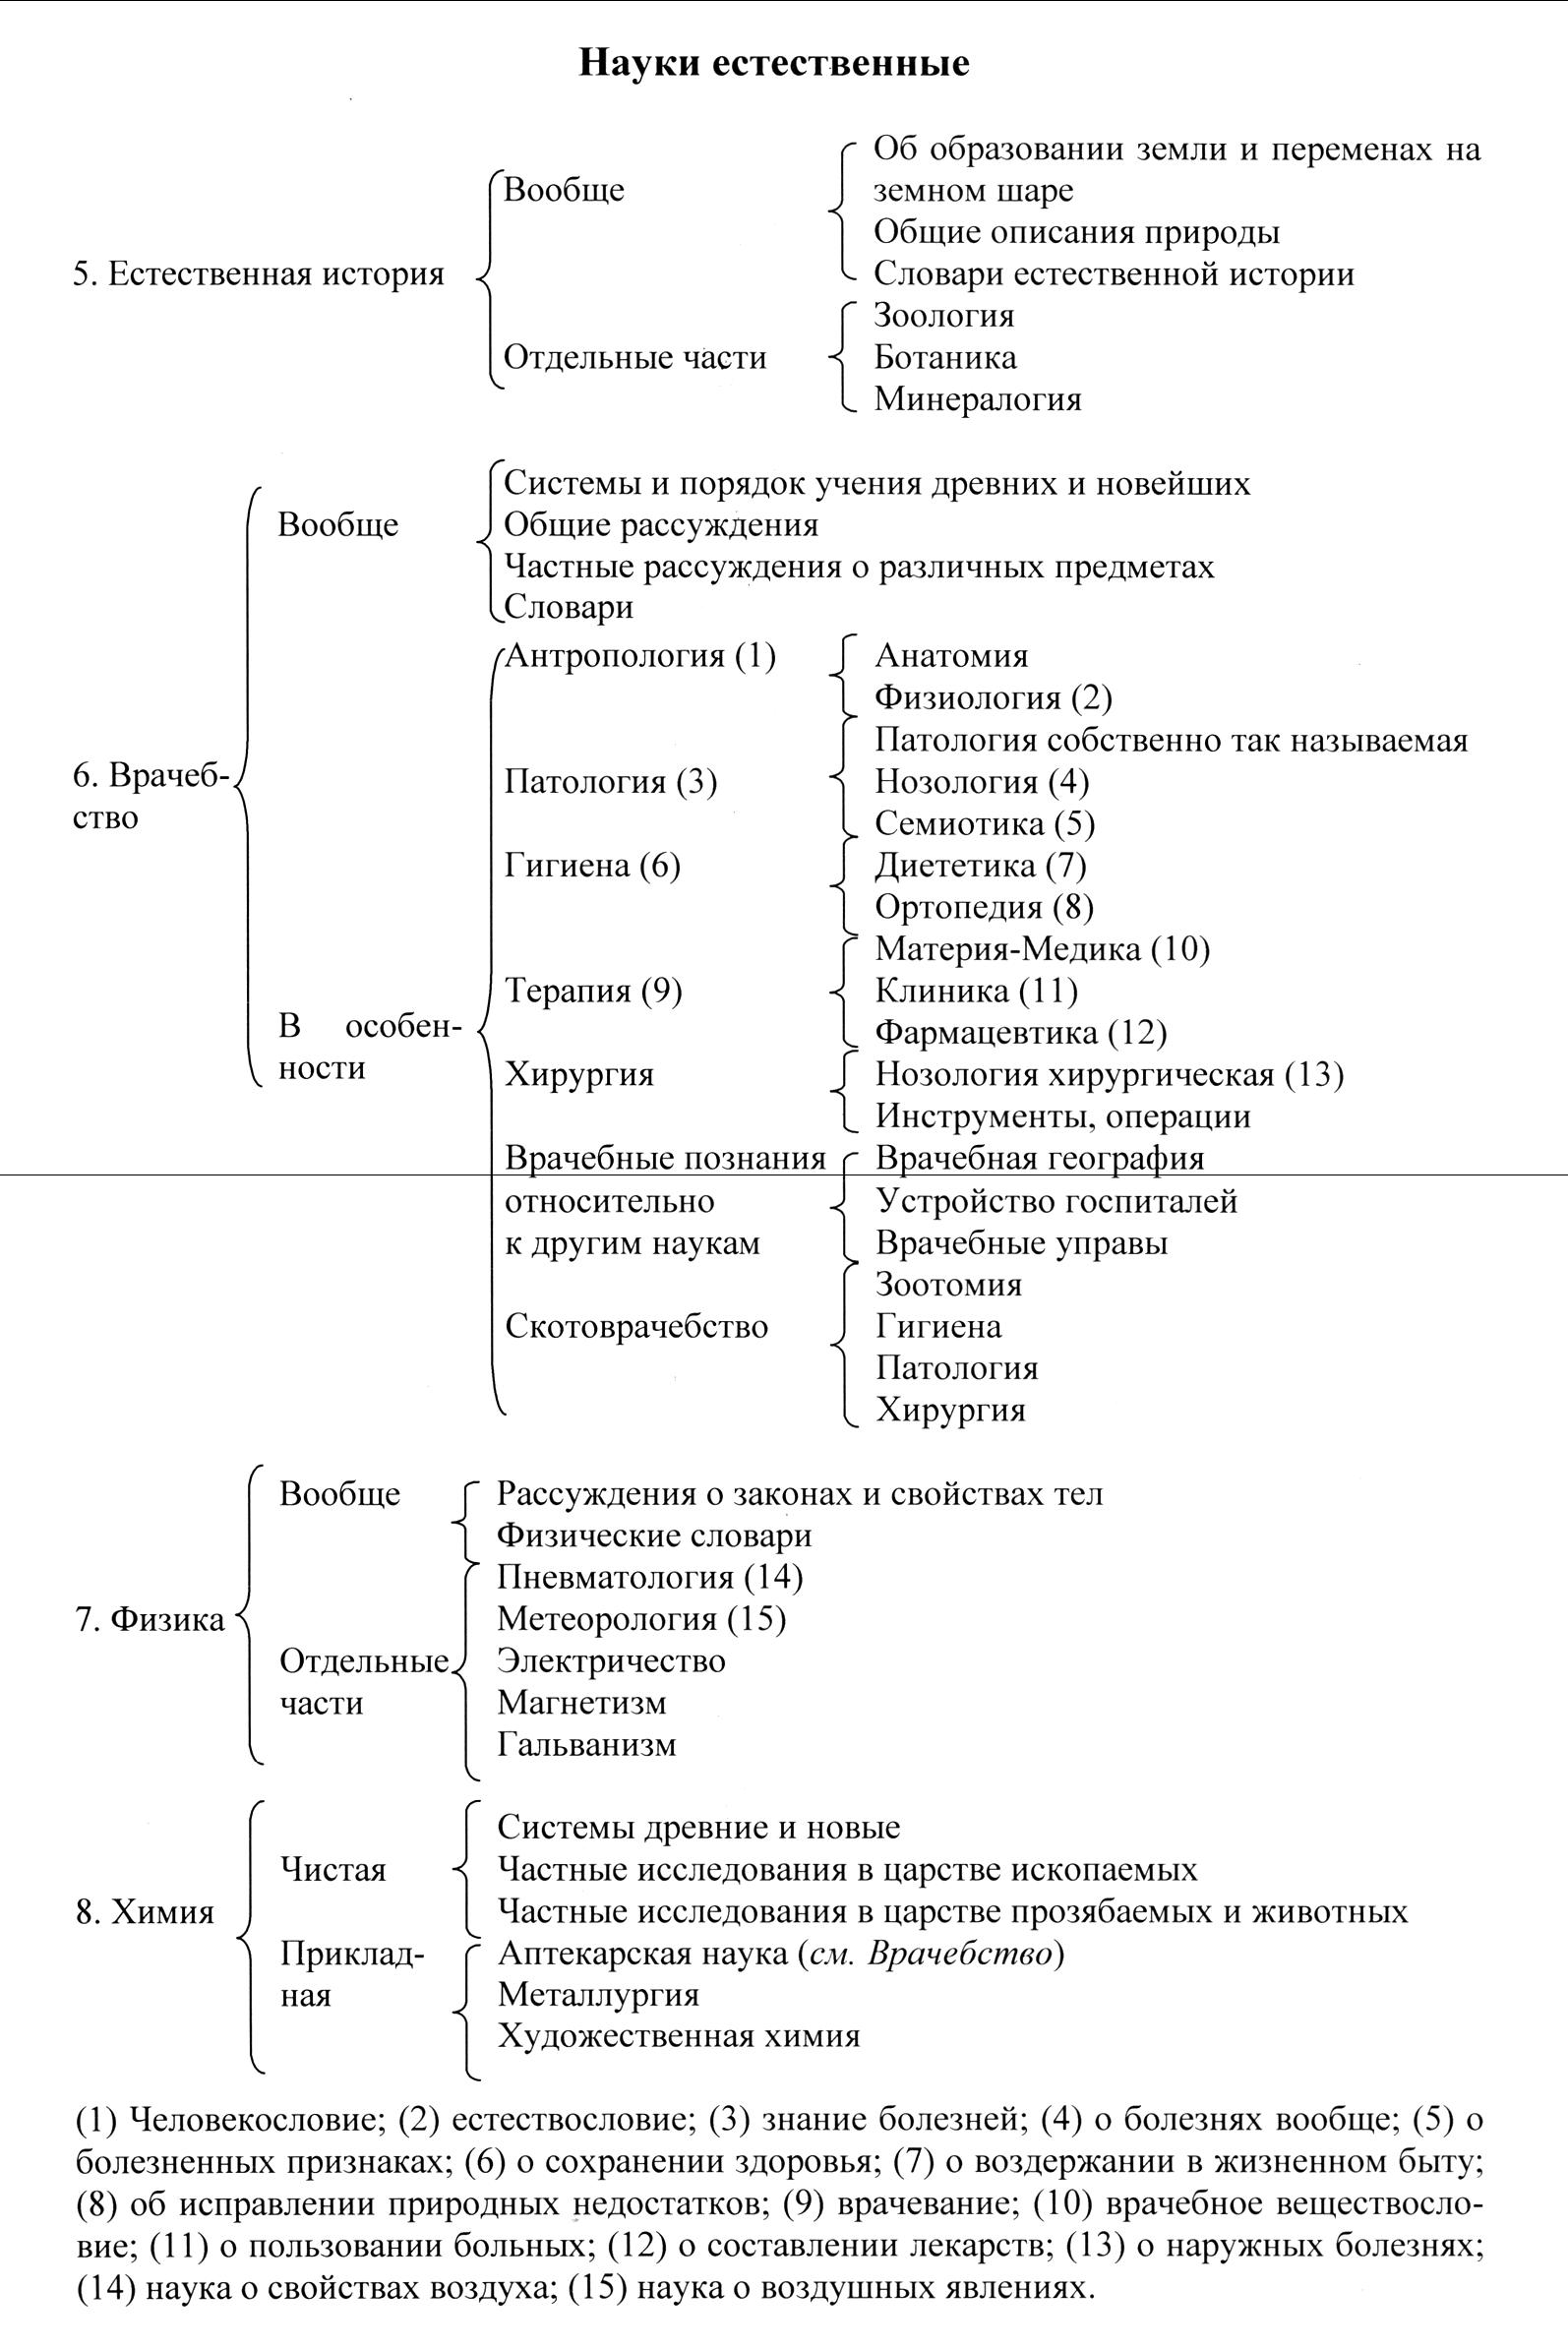 Рис. 1. Состав класса «науки естественные» в библиографической классификации А. Н. Оленина